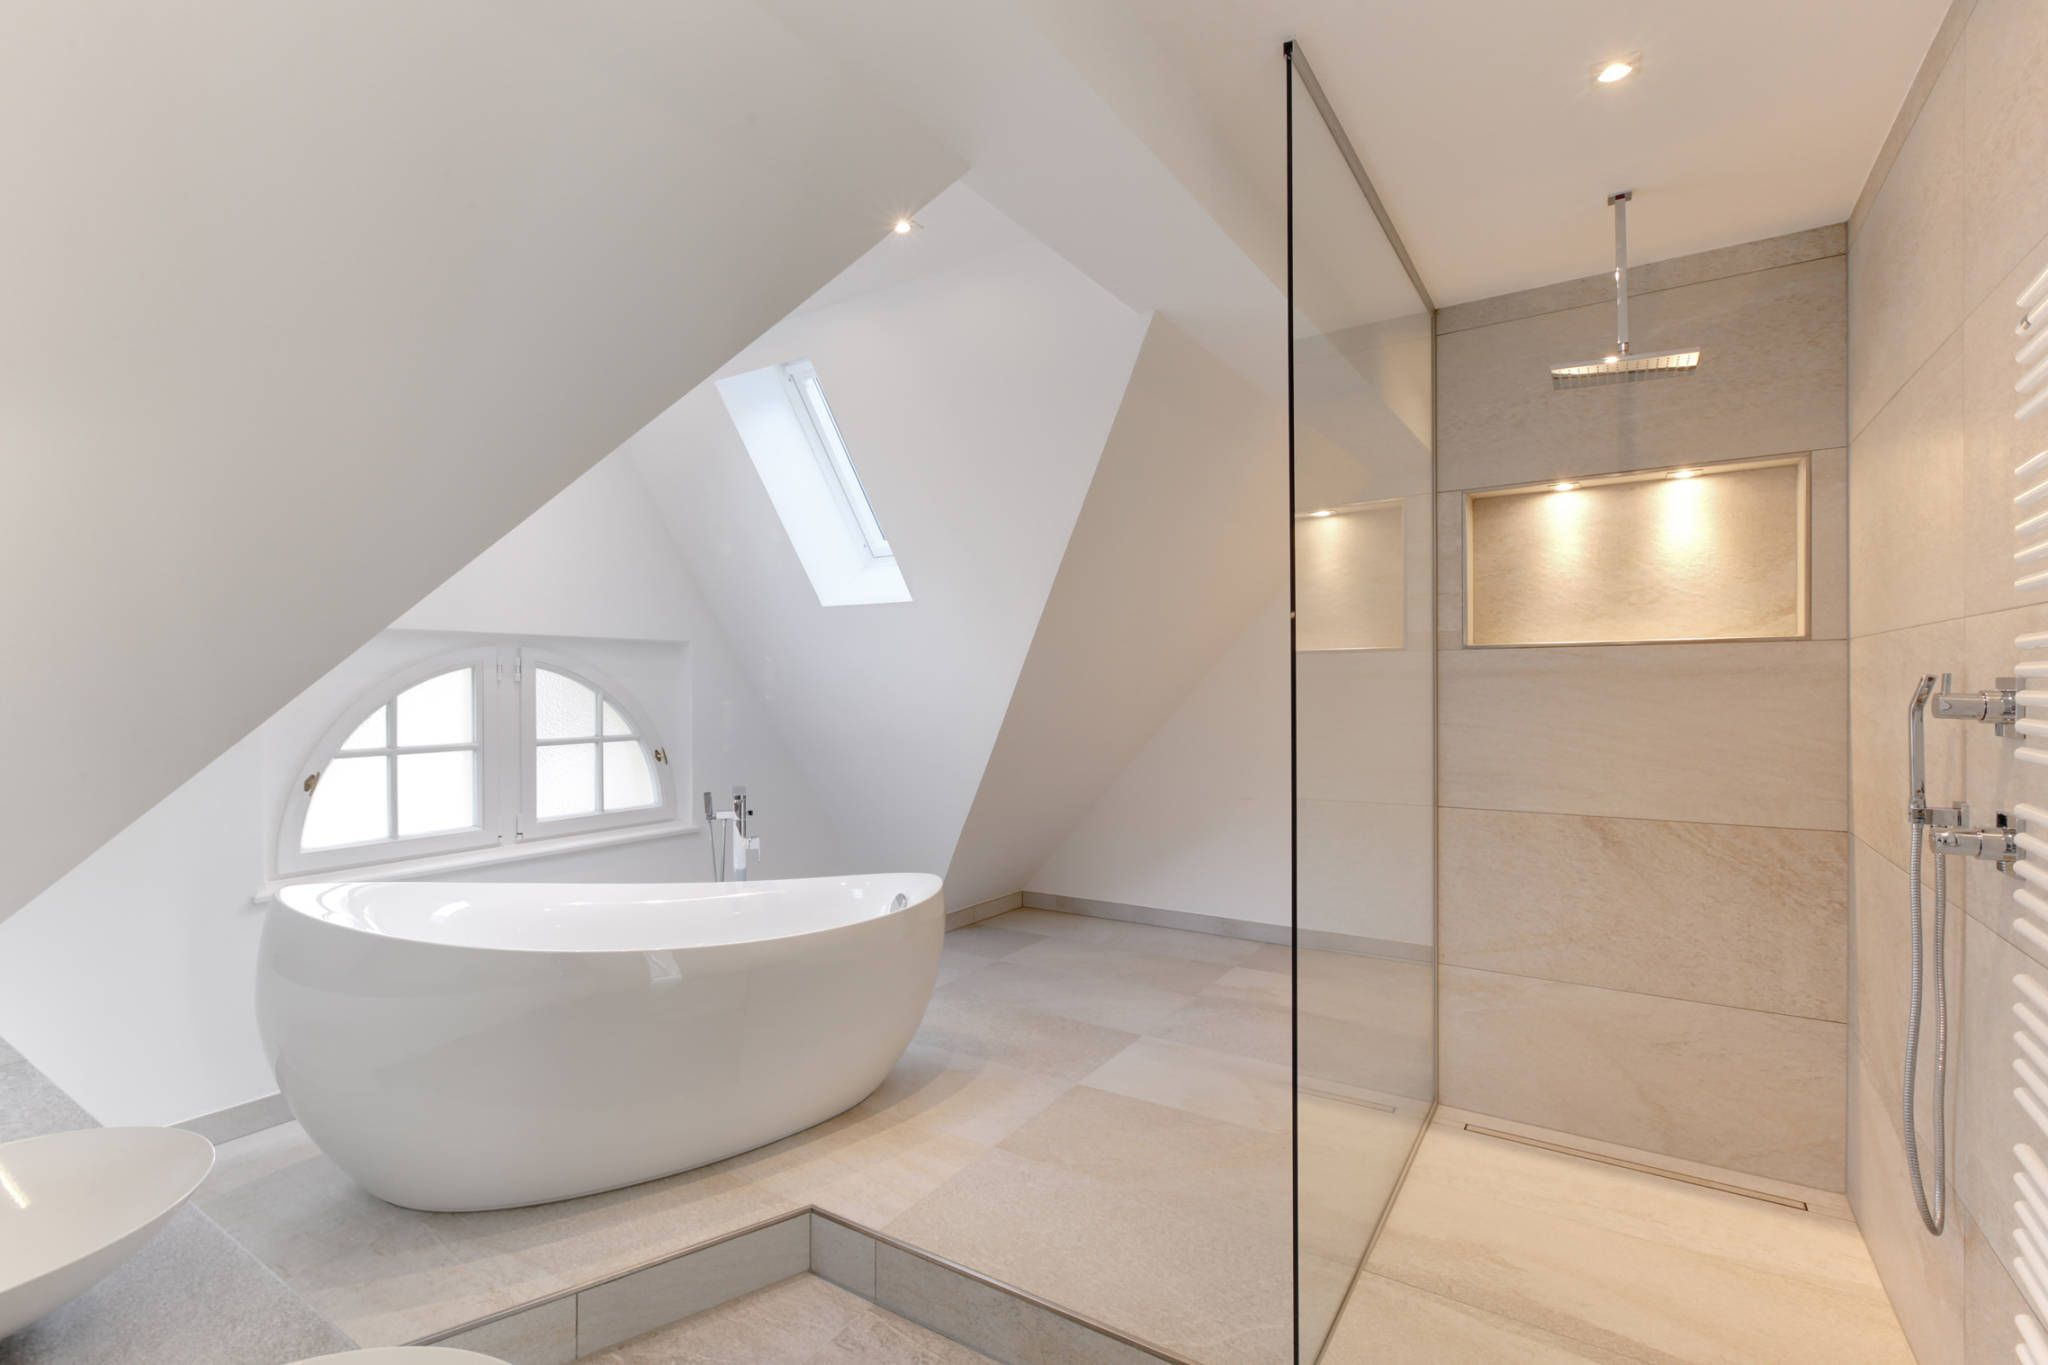 Salonfliesen für die wand wohnideen interior design einrichtungsideen u bilder  bath